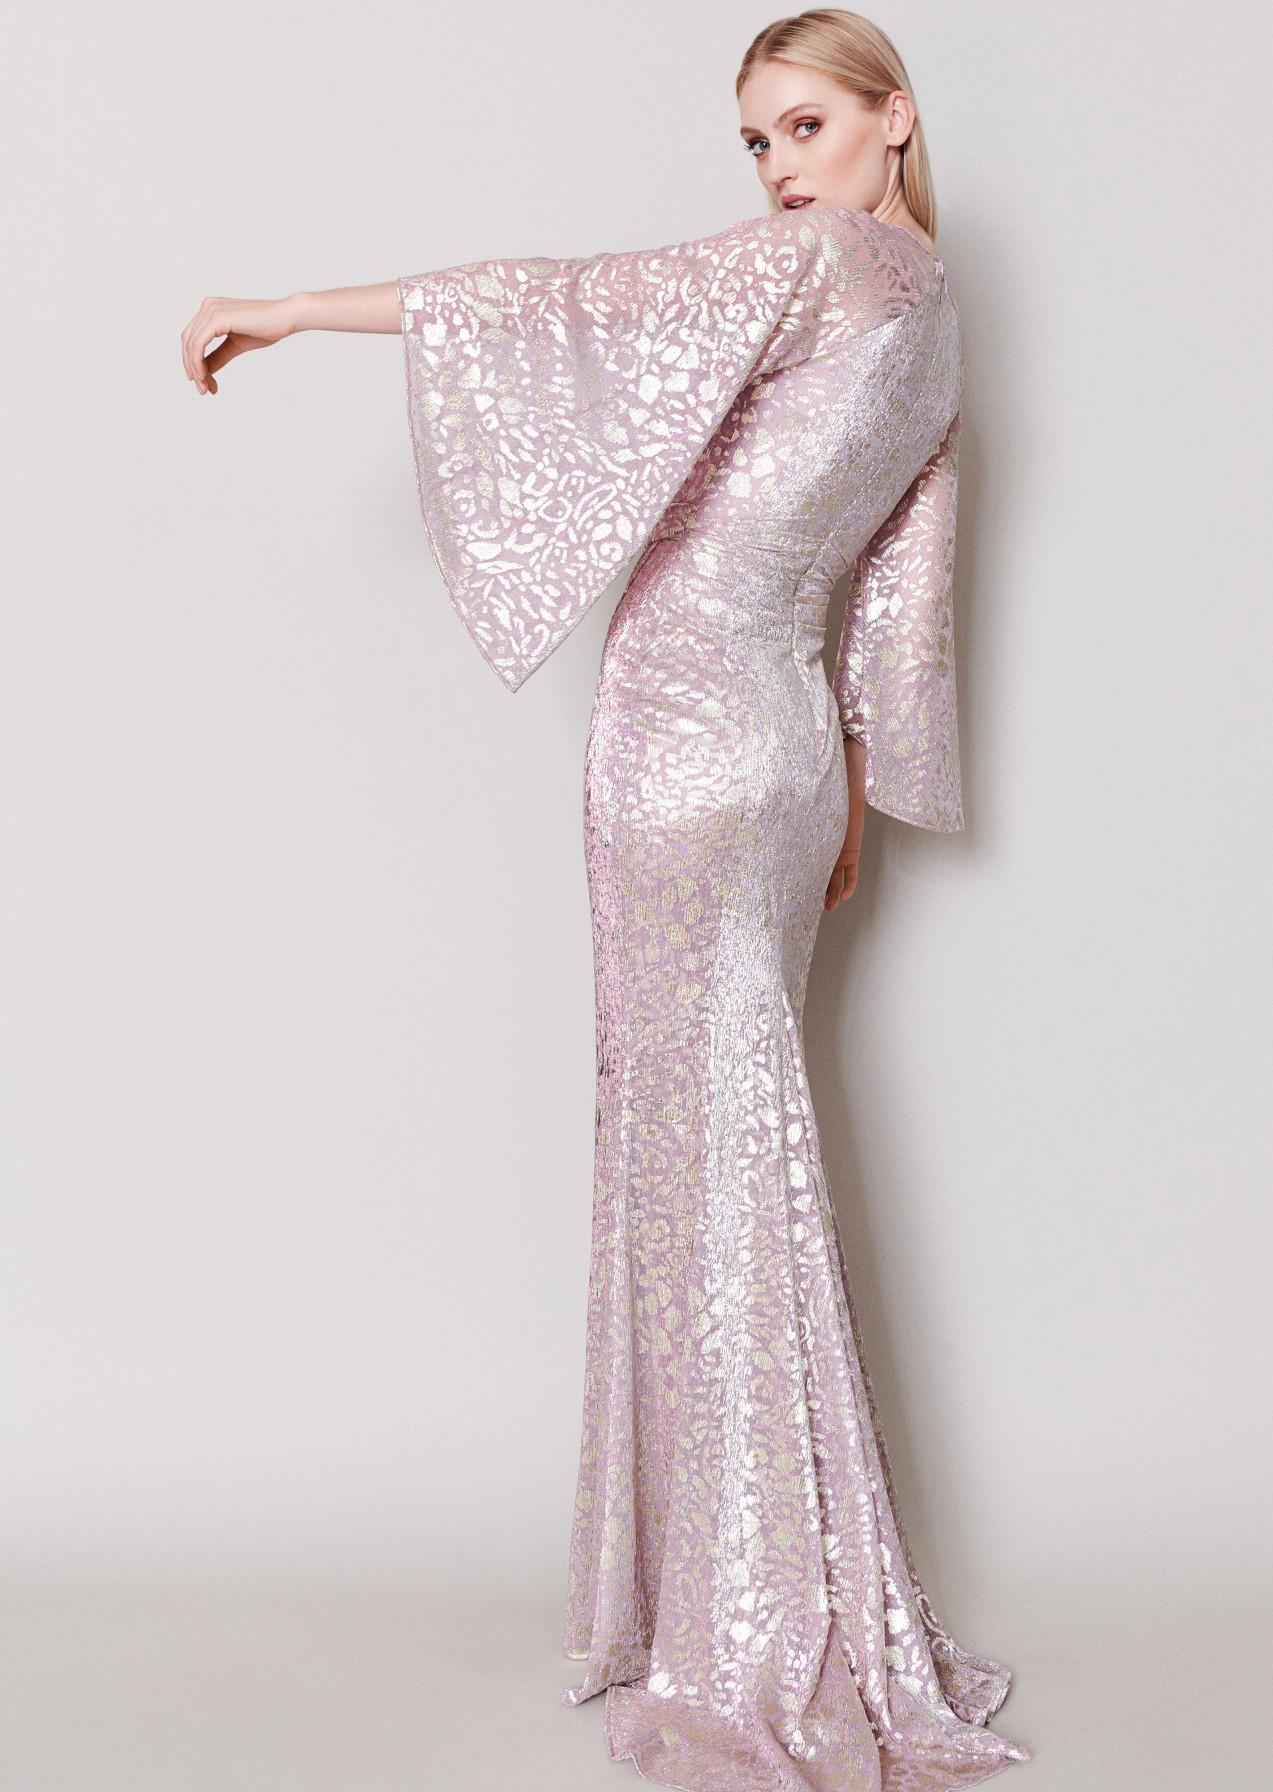 Langes Abendkleid silber glamour schwarz Hochzei s Gast elegant